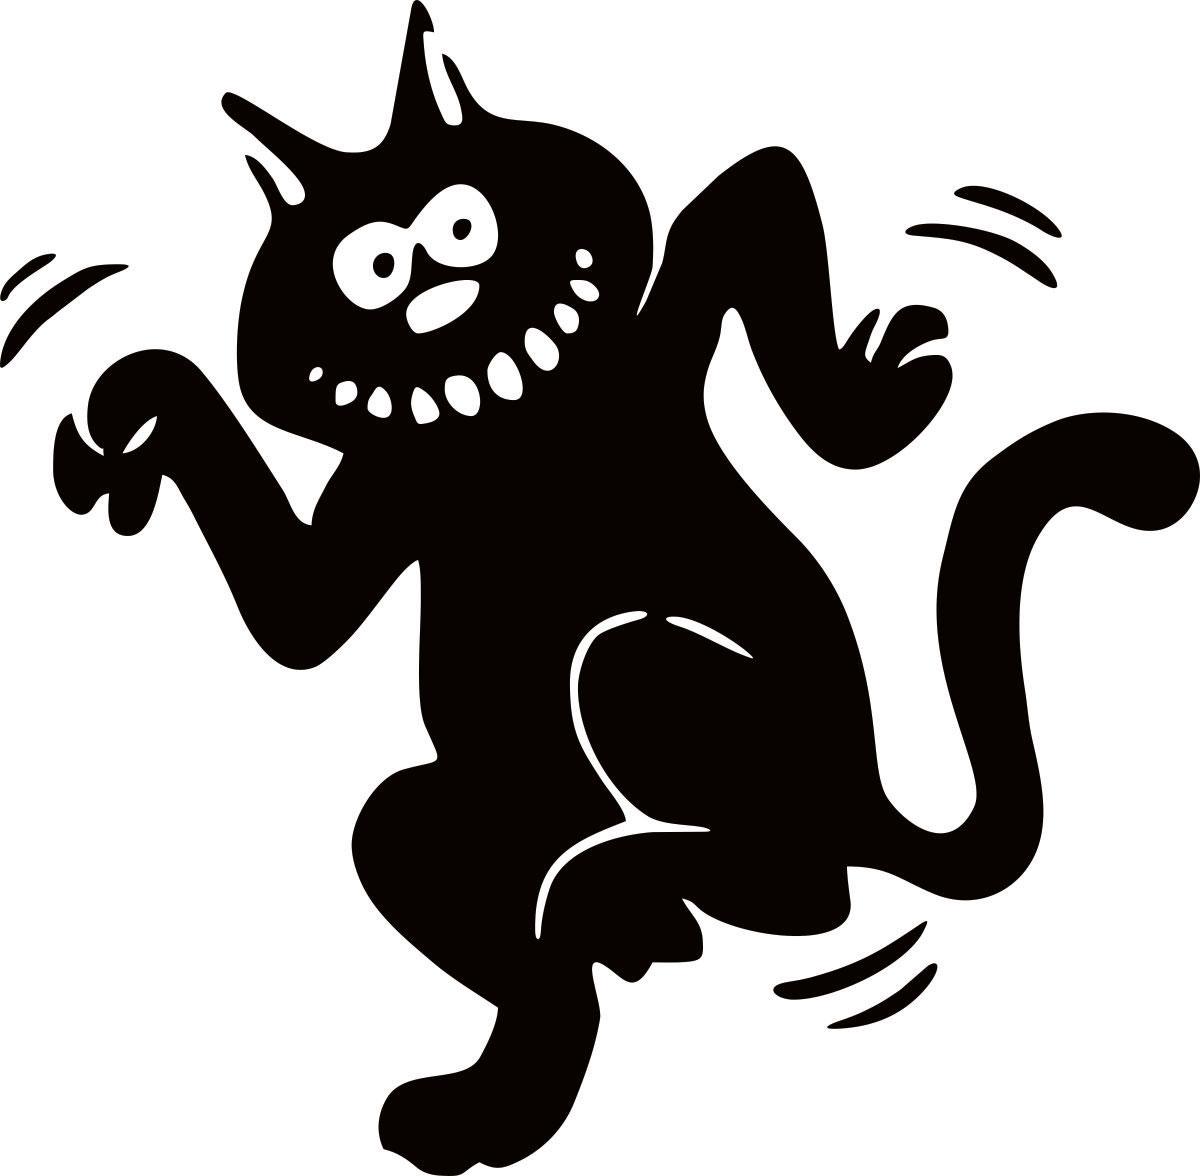 Виниловая наклейка Оранжевый Слоник Танцующий кот, цвет: черный наклейка автомобильная оранжевый слоник кот идиот виниловая цвет черный